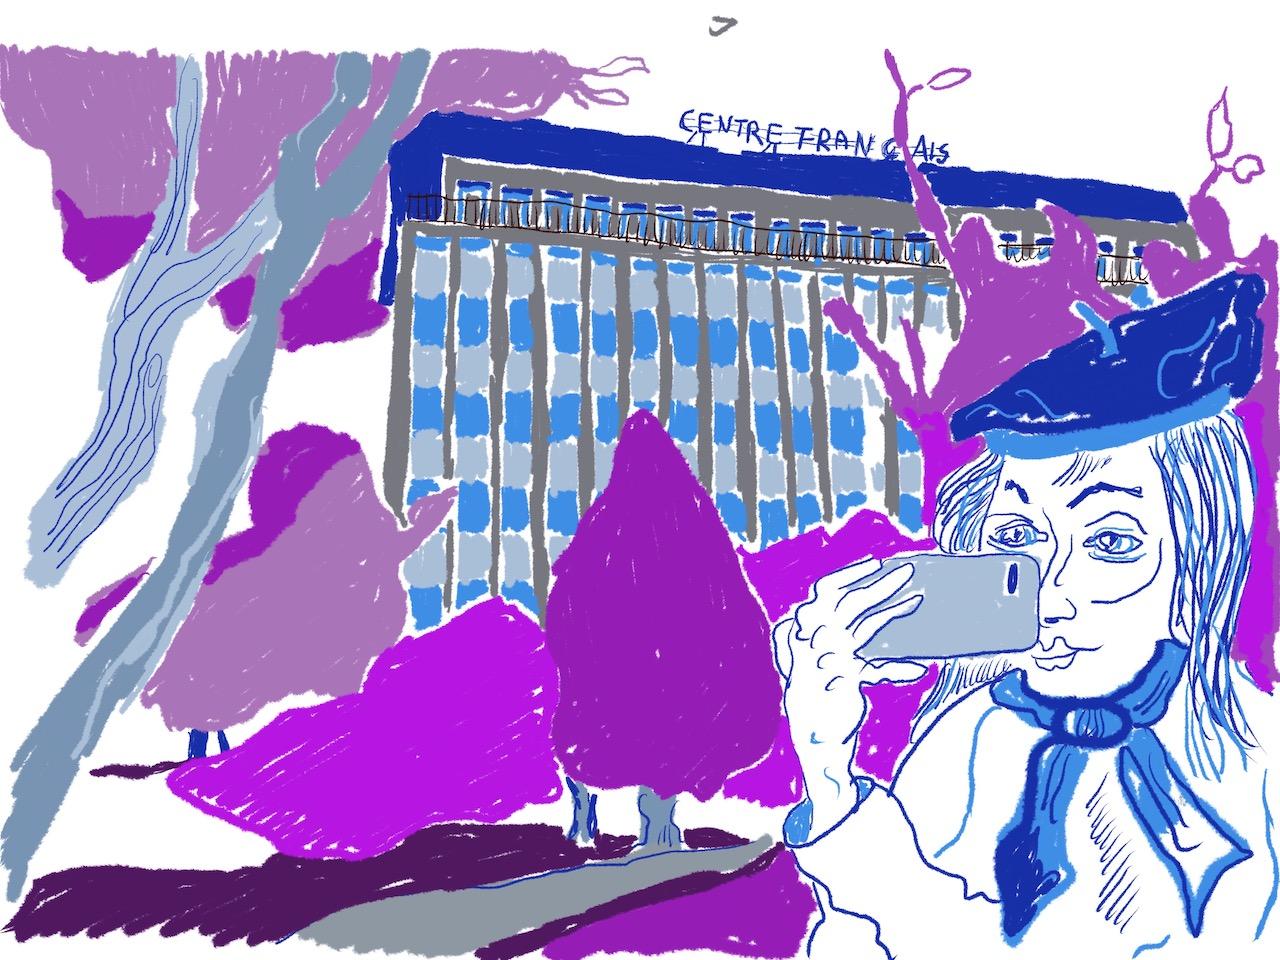 4 Entwurf für Mein Wedding 2020 vom Centre Francais von Susanne Haun (c) VG Bild-Kunst, Bonn 2020